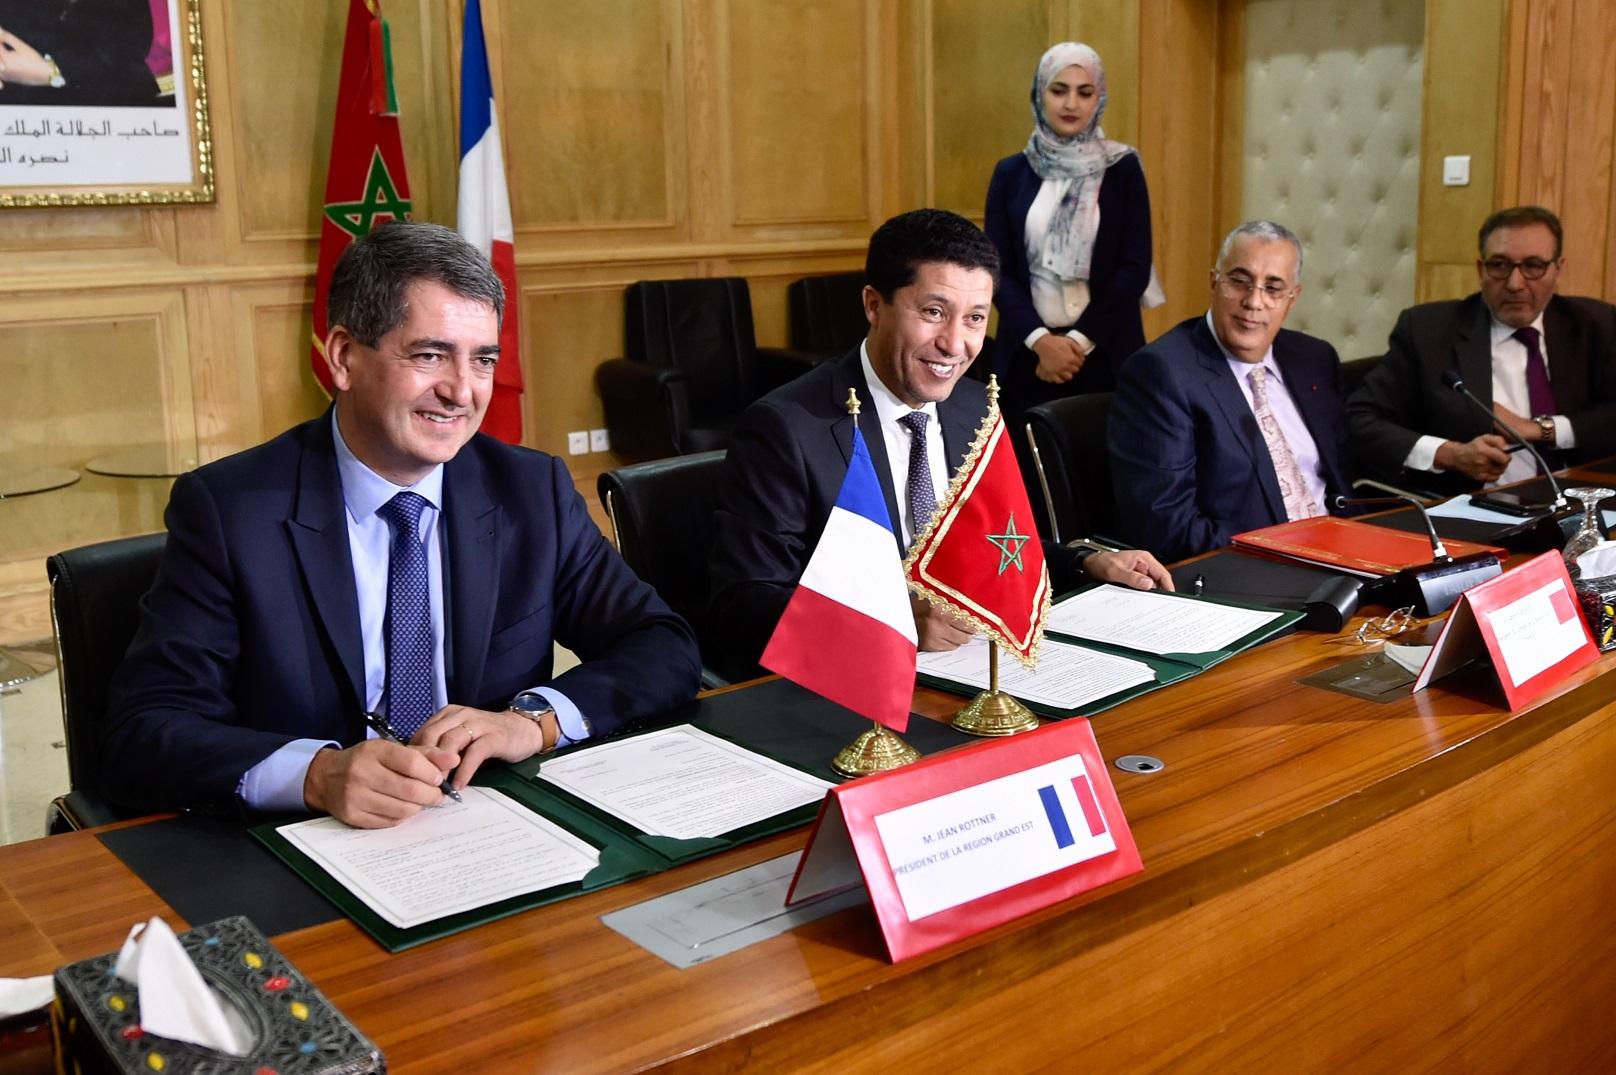 Signature-coopération-Grand-Est-Oriental_Stadler-Région-Grand-Est